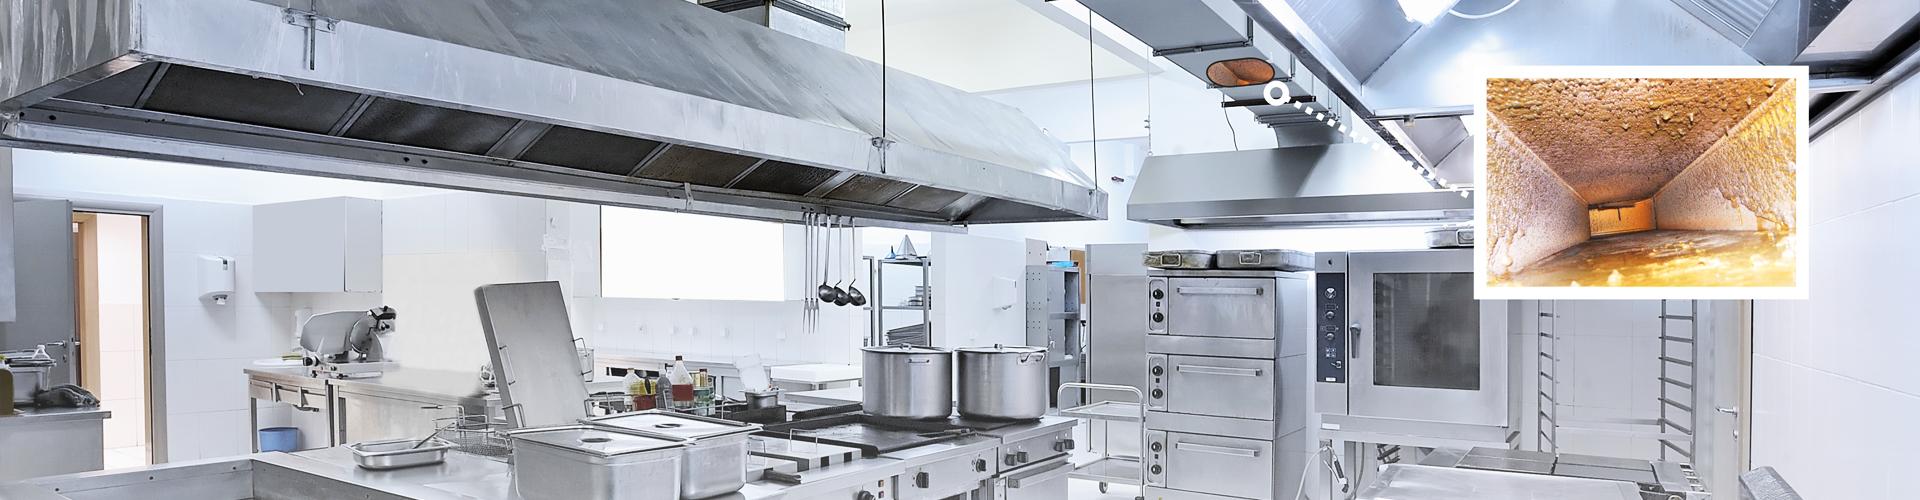 sistemas-de-extraccion-de-humos-en-cocinas